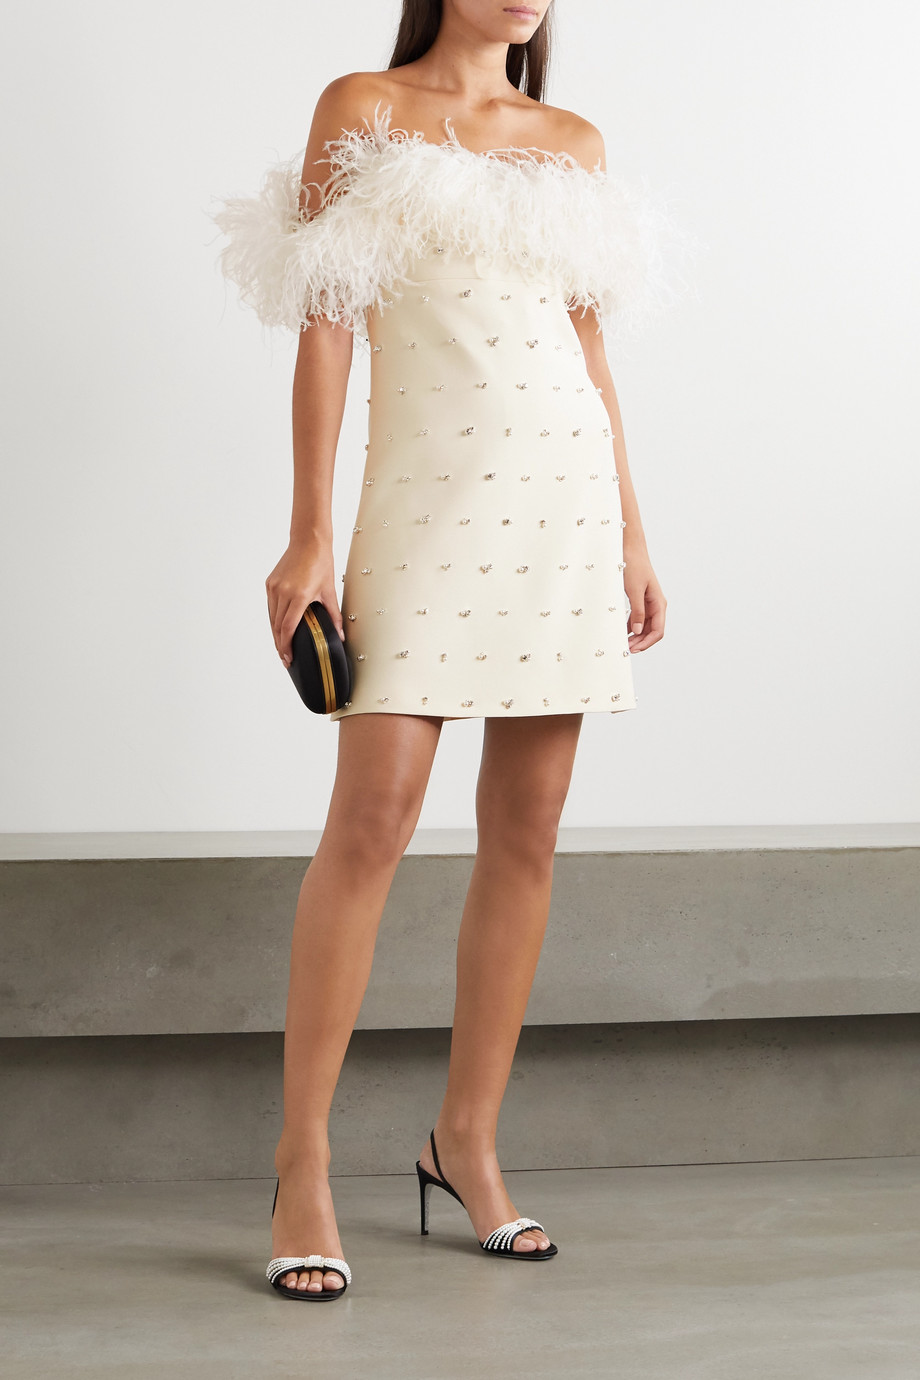 Miu Miu Schulterfreies Minikleid aus einer Woll-Seidenmischung mit Federn und Verzierungen